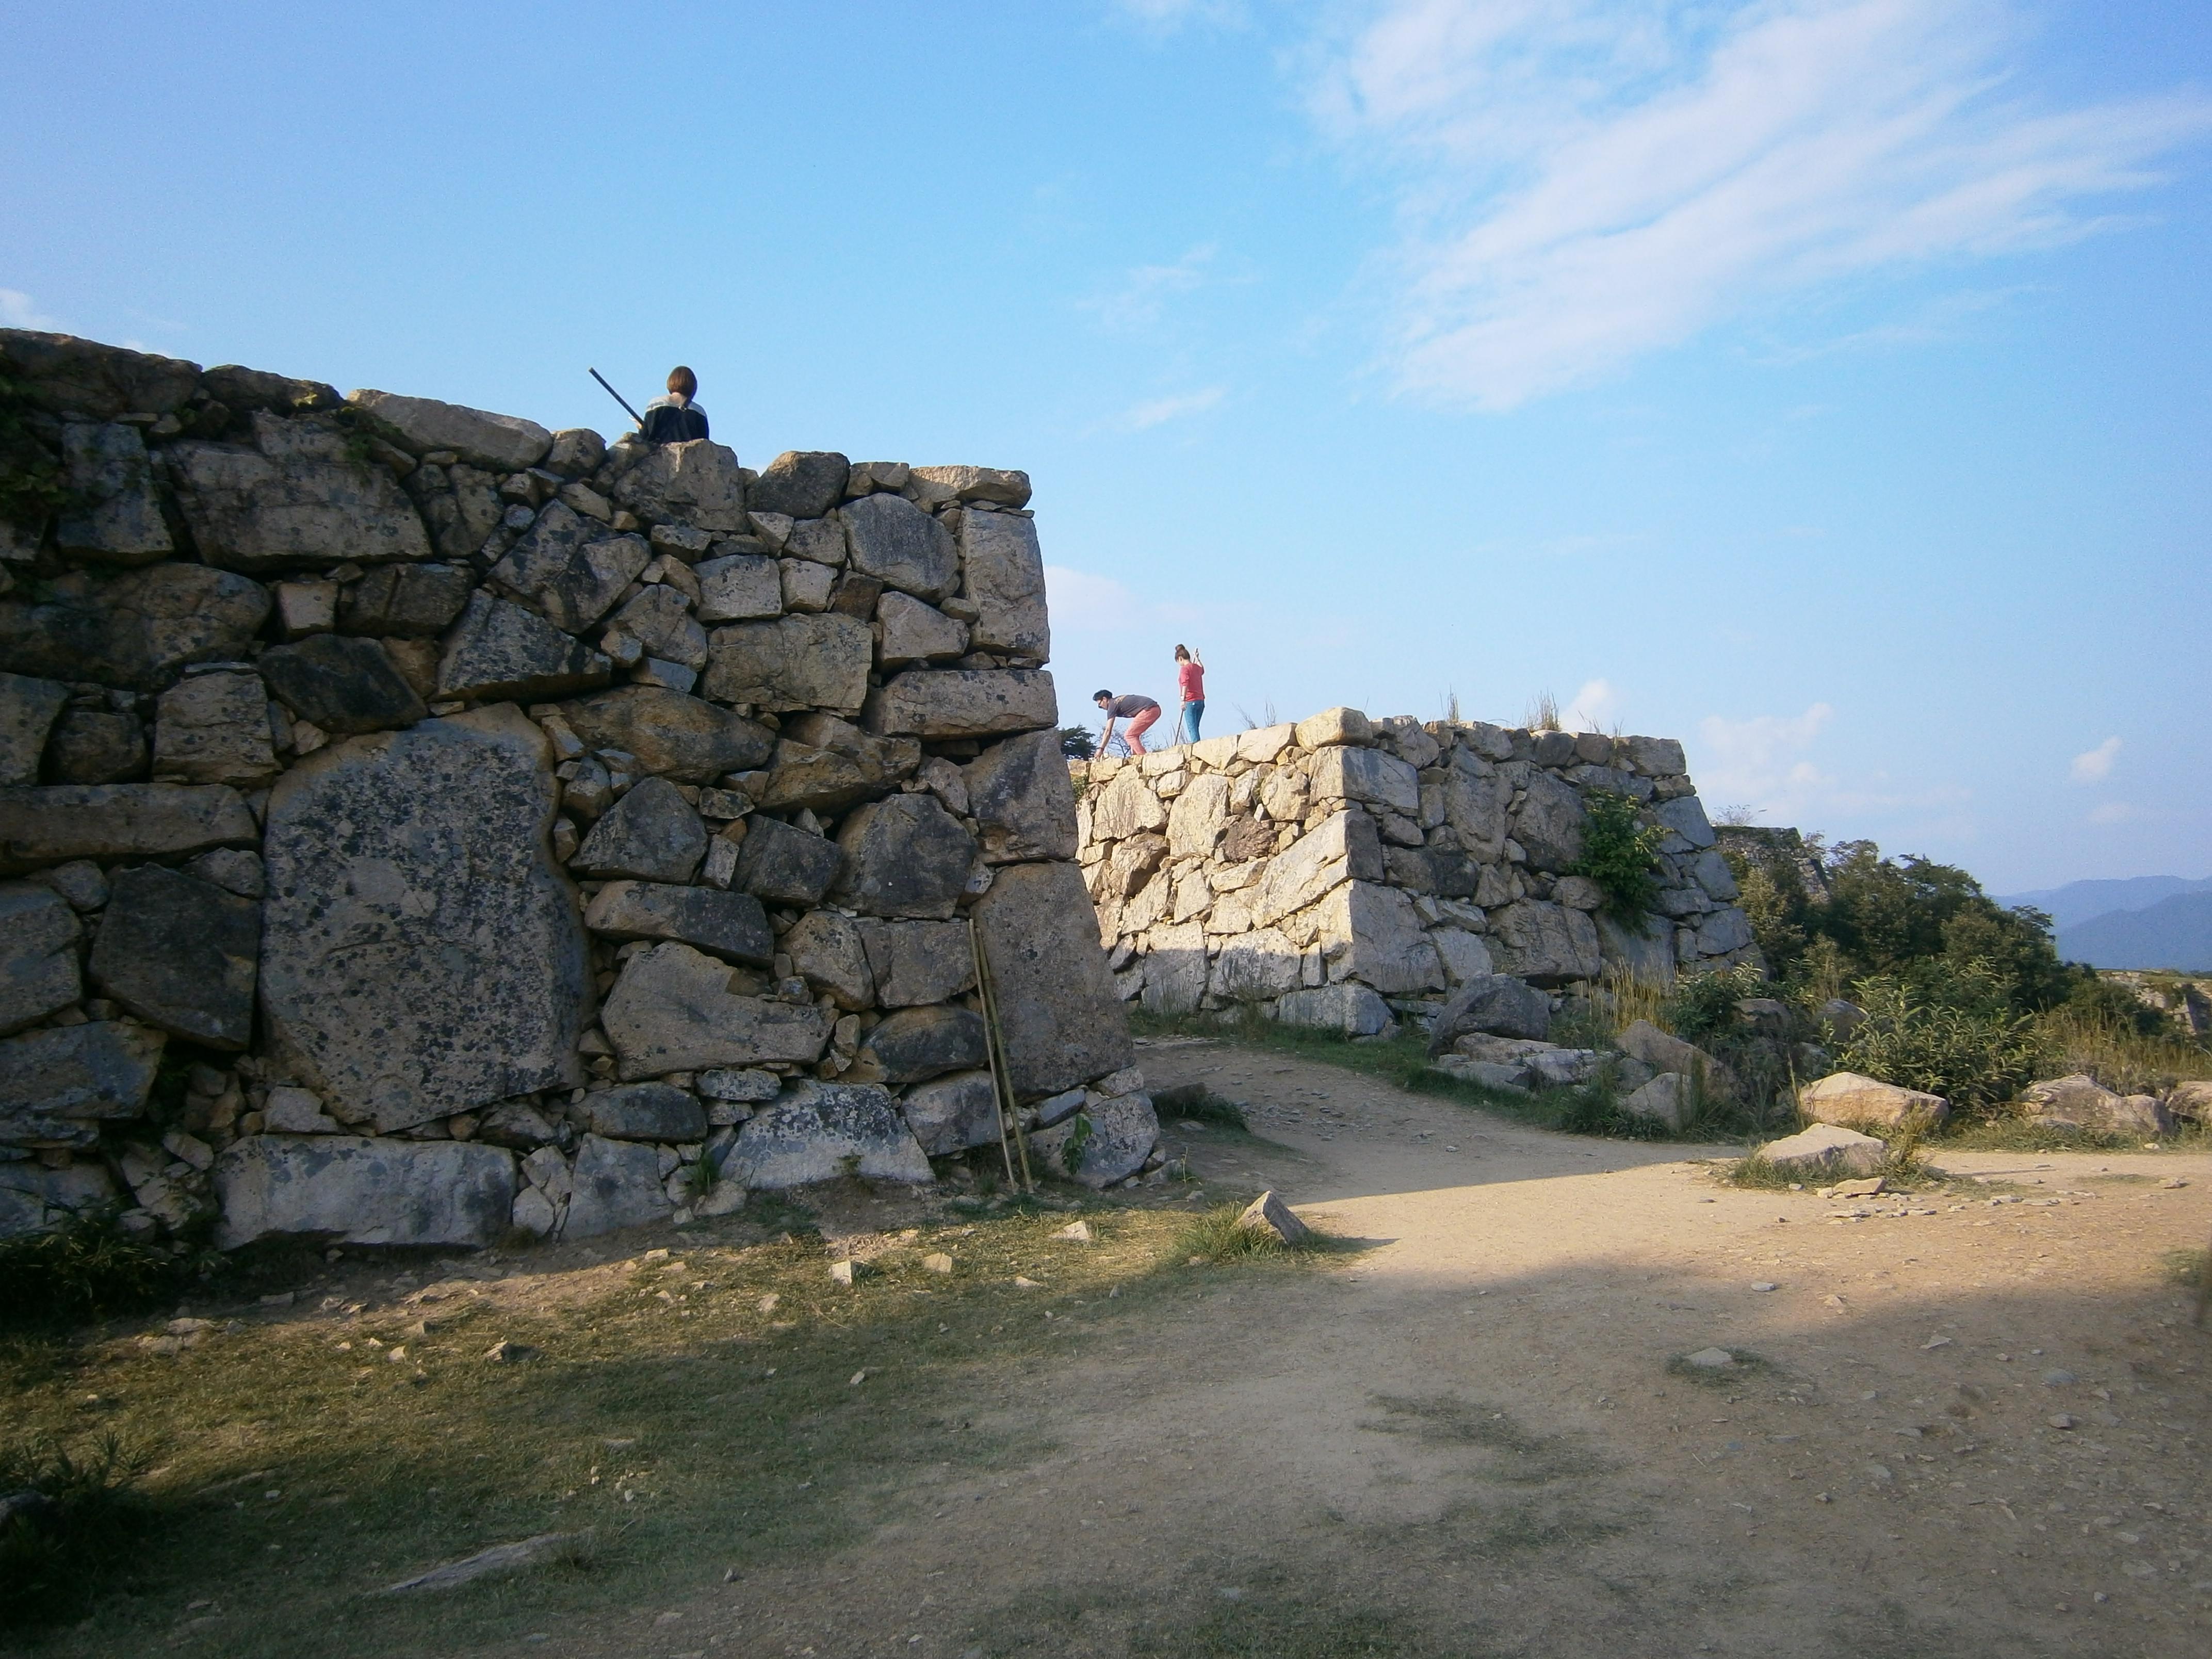 歴史ヒストリアでもう一つの真田丸と大型銃と出城の場所は餌差町の心眼寺であることが明らかに!?